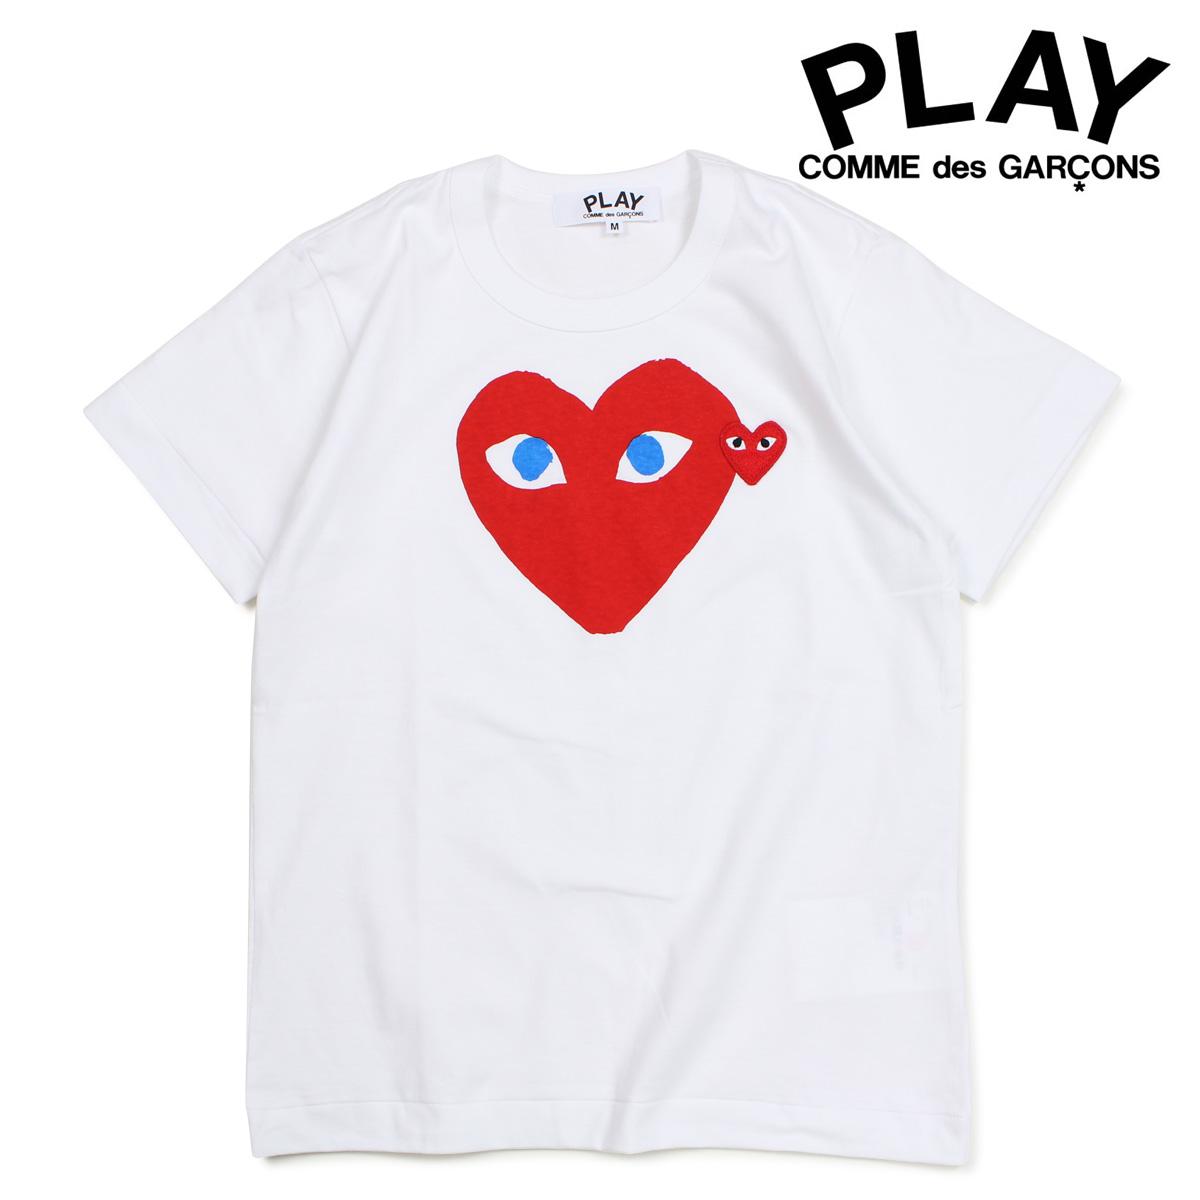 【最大2000円OFFクーポン配布】 COMME des GARCONS PLAY Tシャツ 半袖 コムデギャルソン レディース RED HEART T-SHIRT ホワイト AZT085